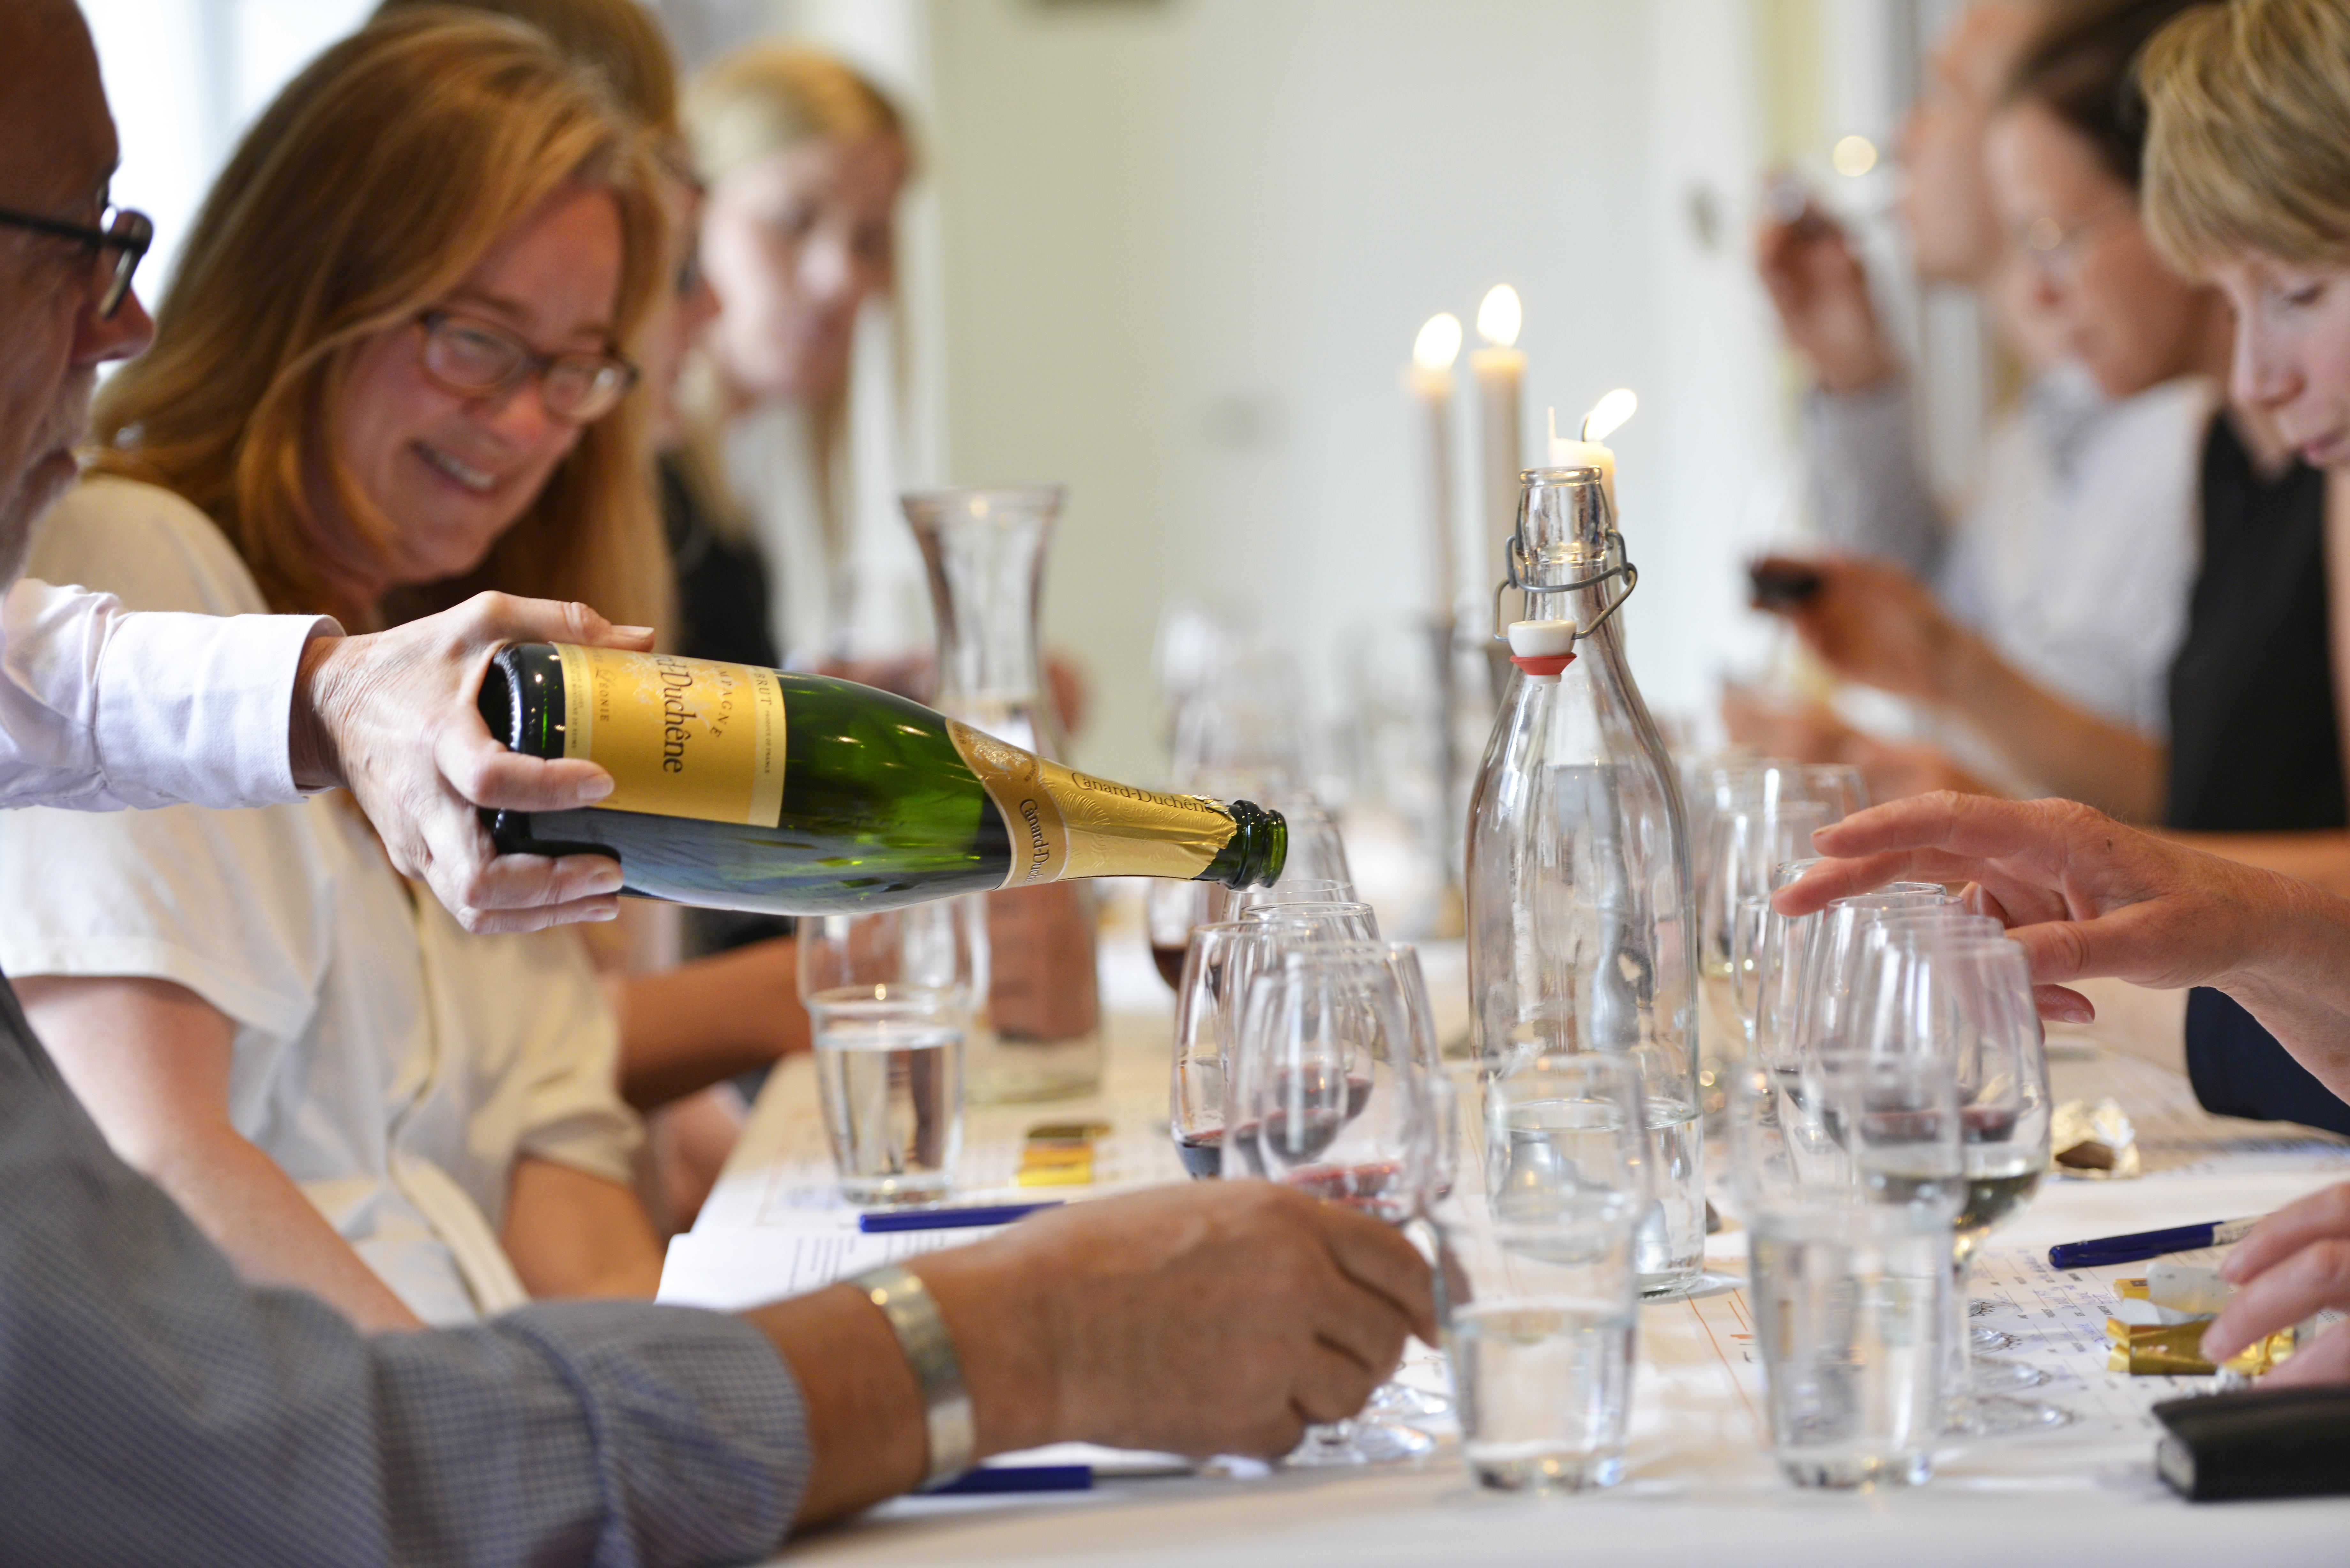 Choklad och Vinprovning Stockholm med glada deltagare och mysig stämning